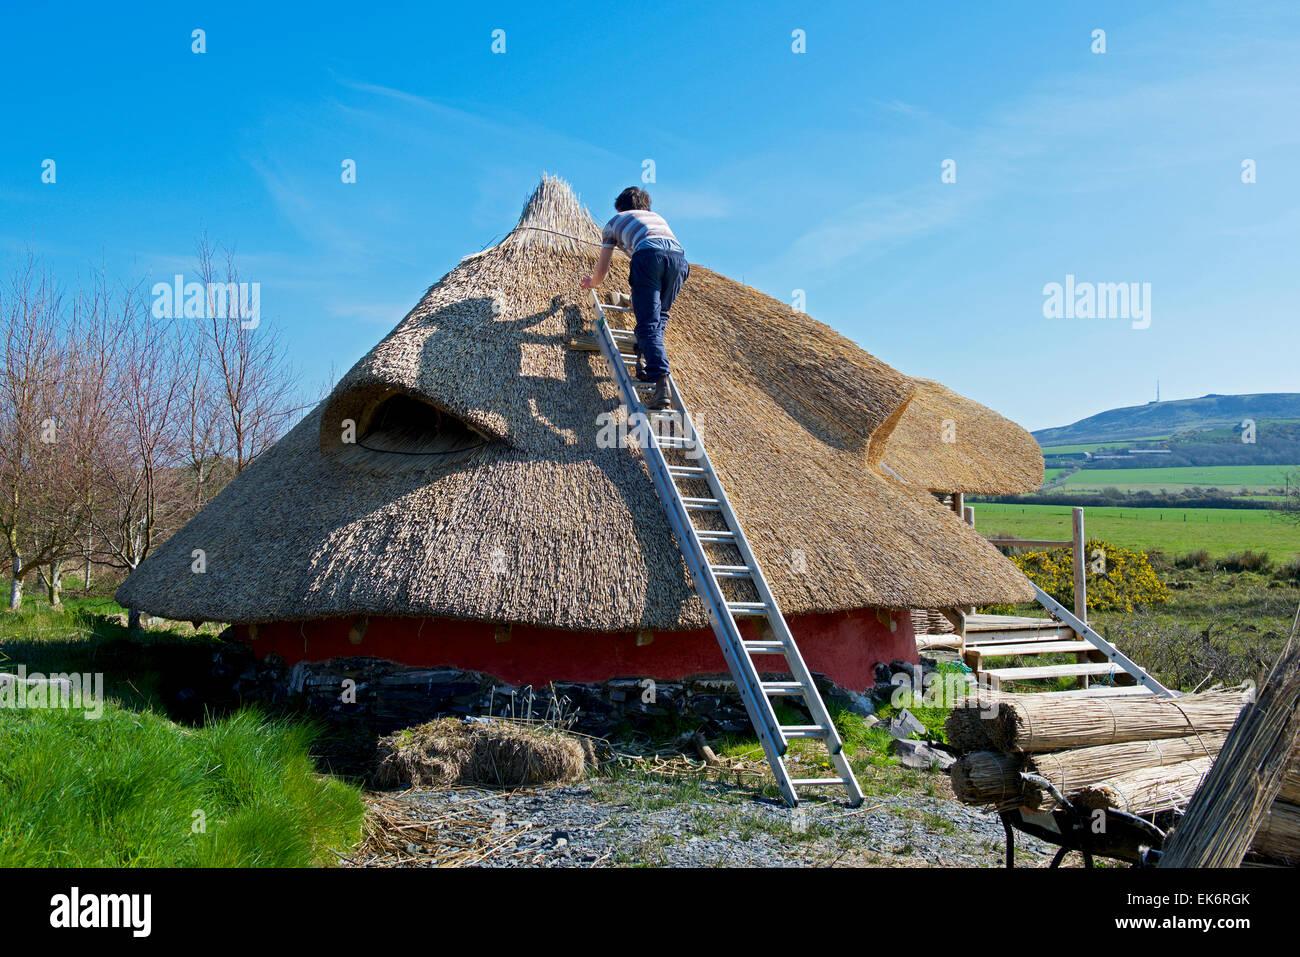 Thatching a roundhouse at the Felin Uchaf eco-centre, Rhoshirwaun. near Pwllheli, Gwynedd, North Wales - Stock Image